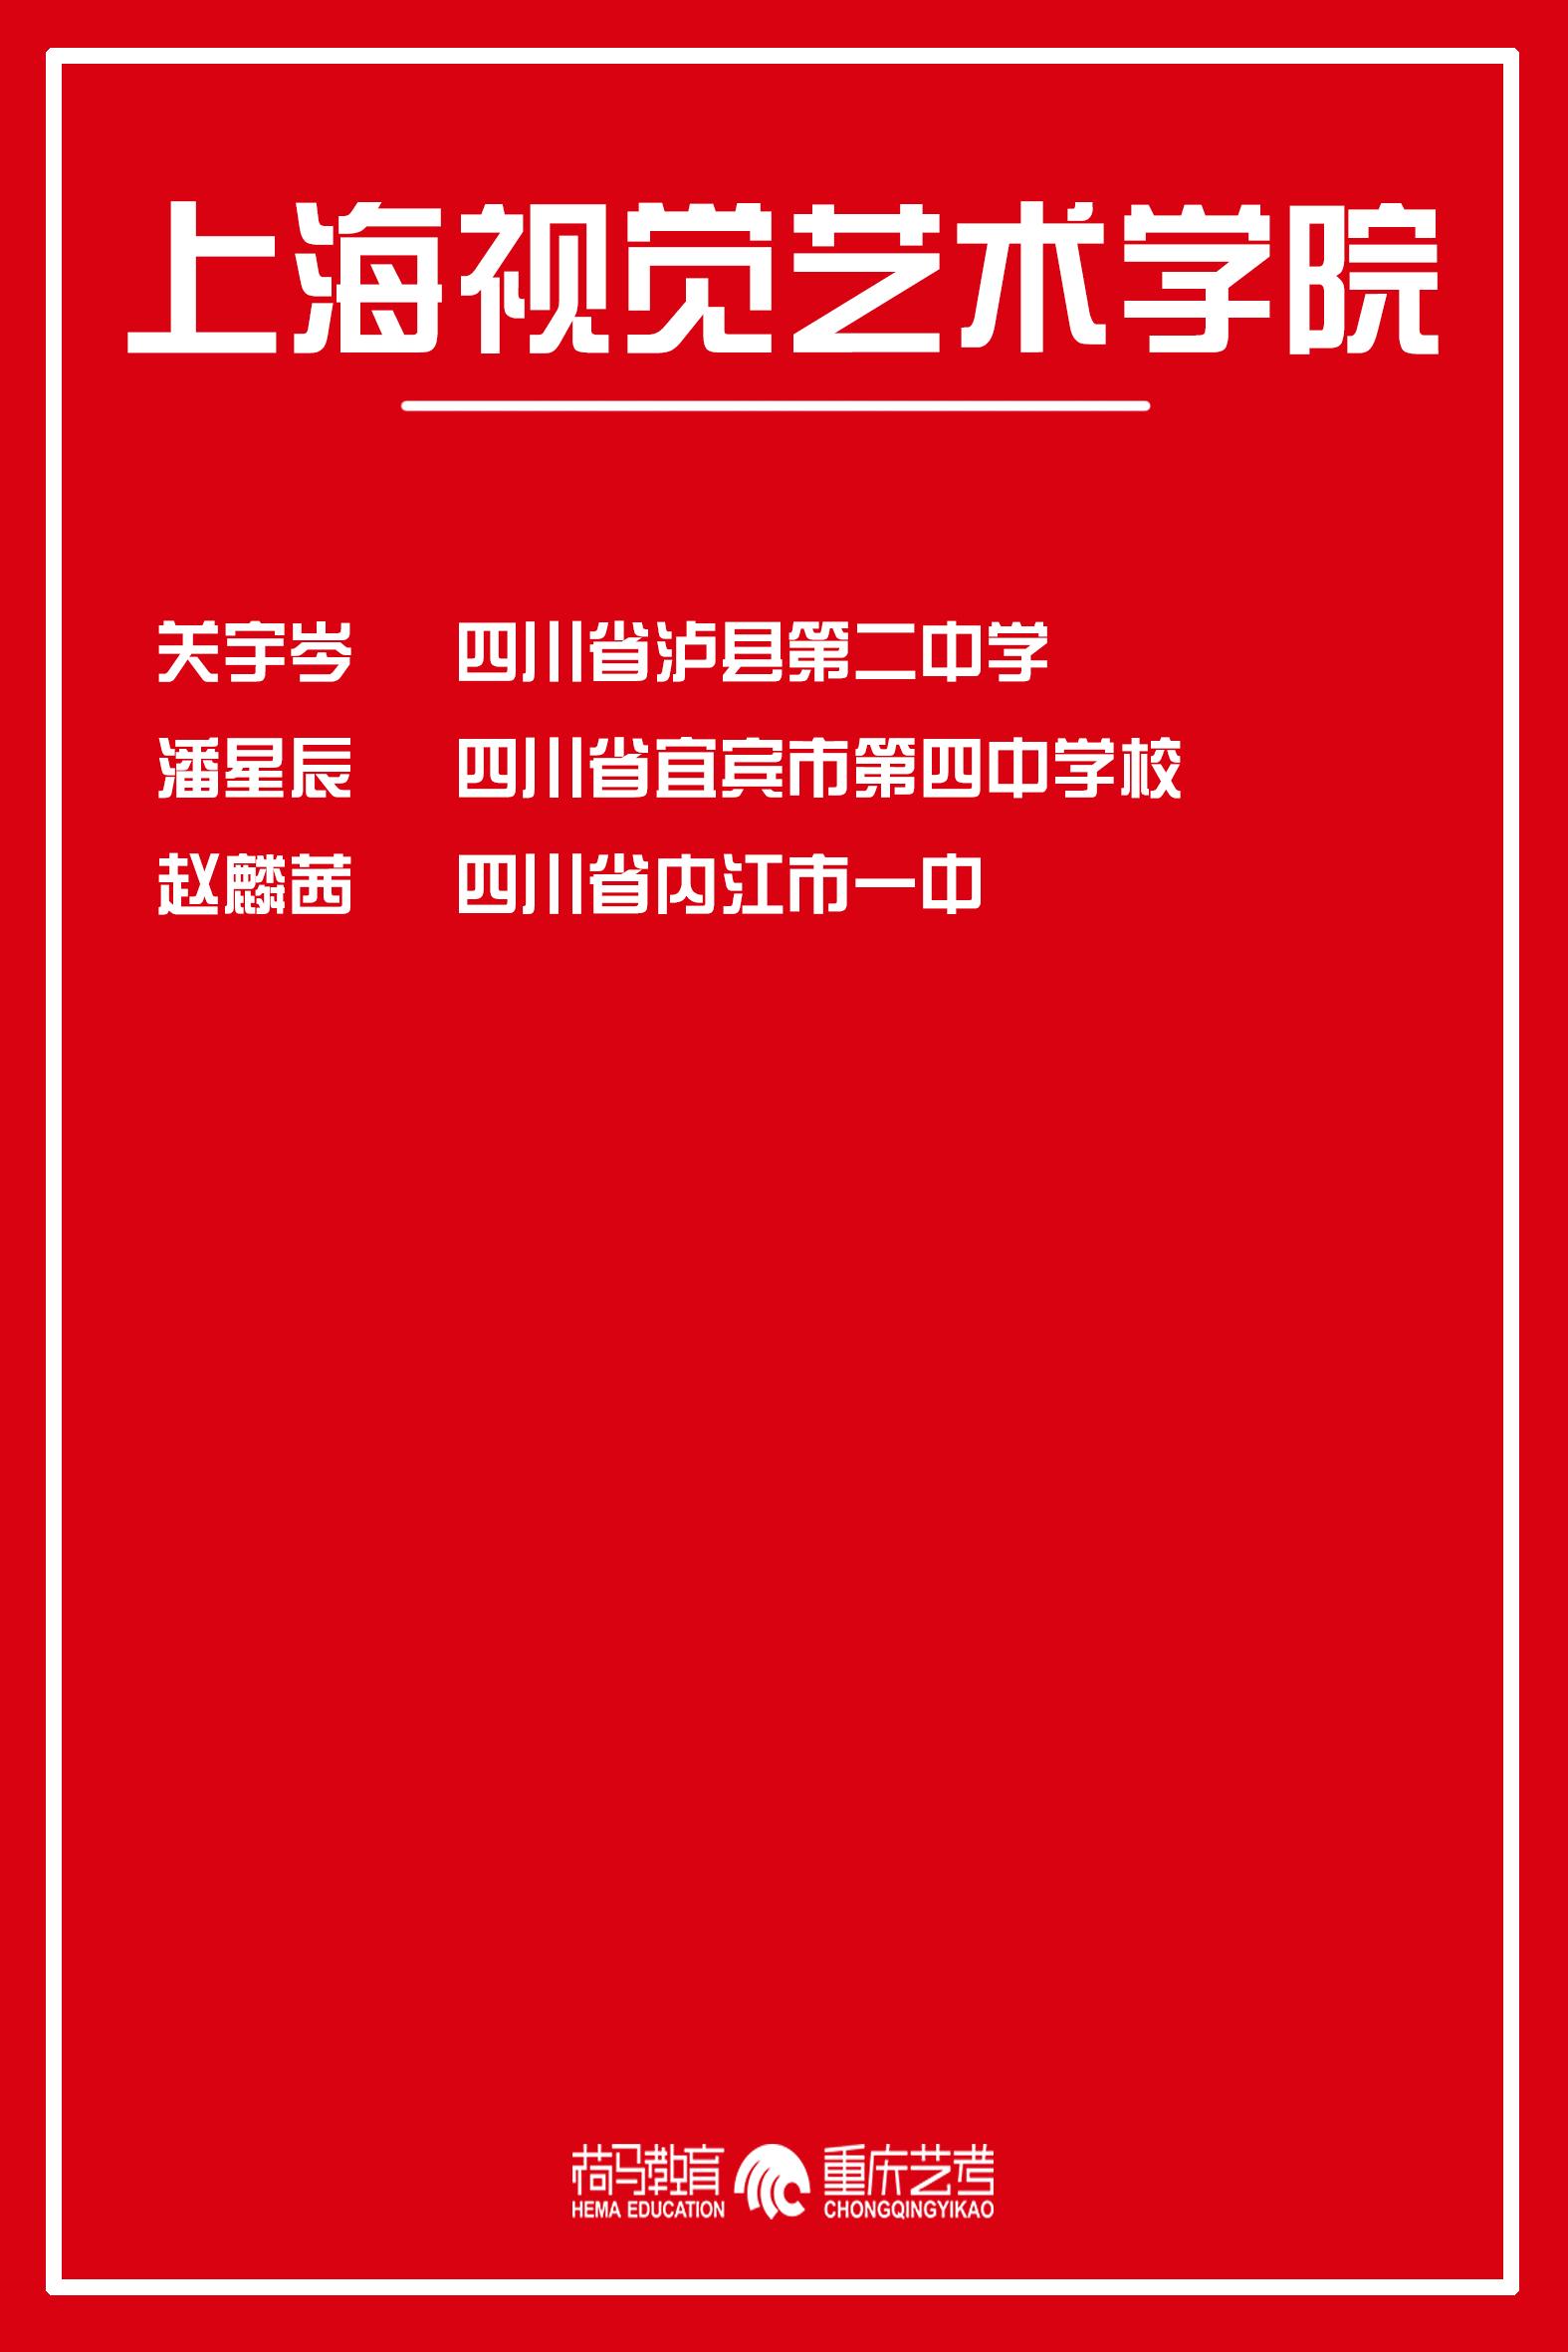 上海视觉艺术学院.jpg